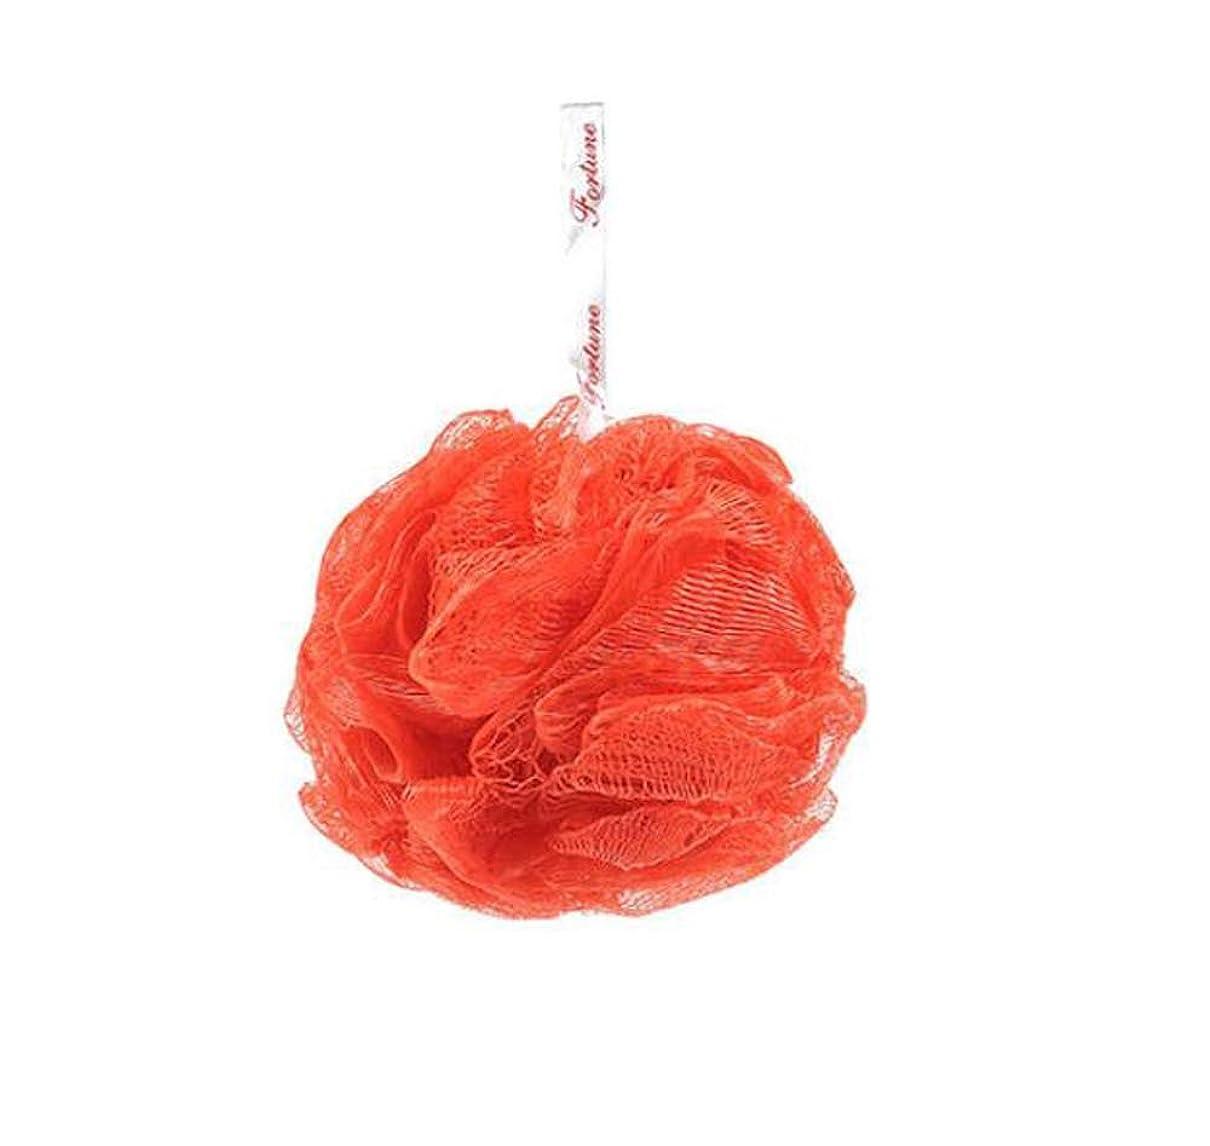 光のごみ商人SZB フラワーボール 泡立てネット ボディウォッシュボール ボディー洗い 石鹸 シャンプー 泡立つ ふわふわ 色ランダム (4個セット)